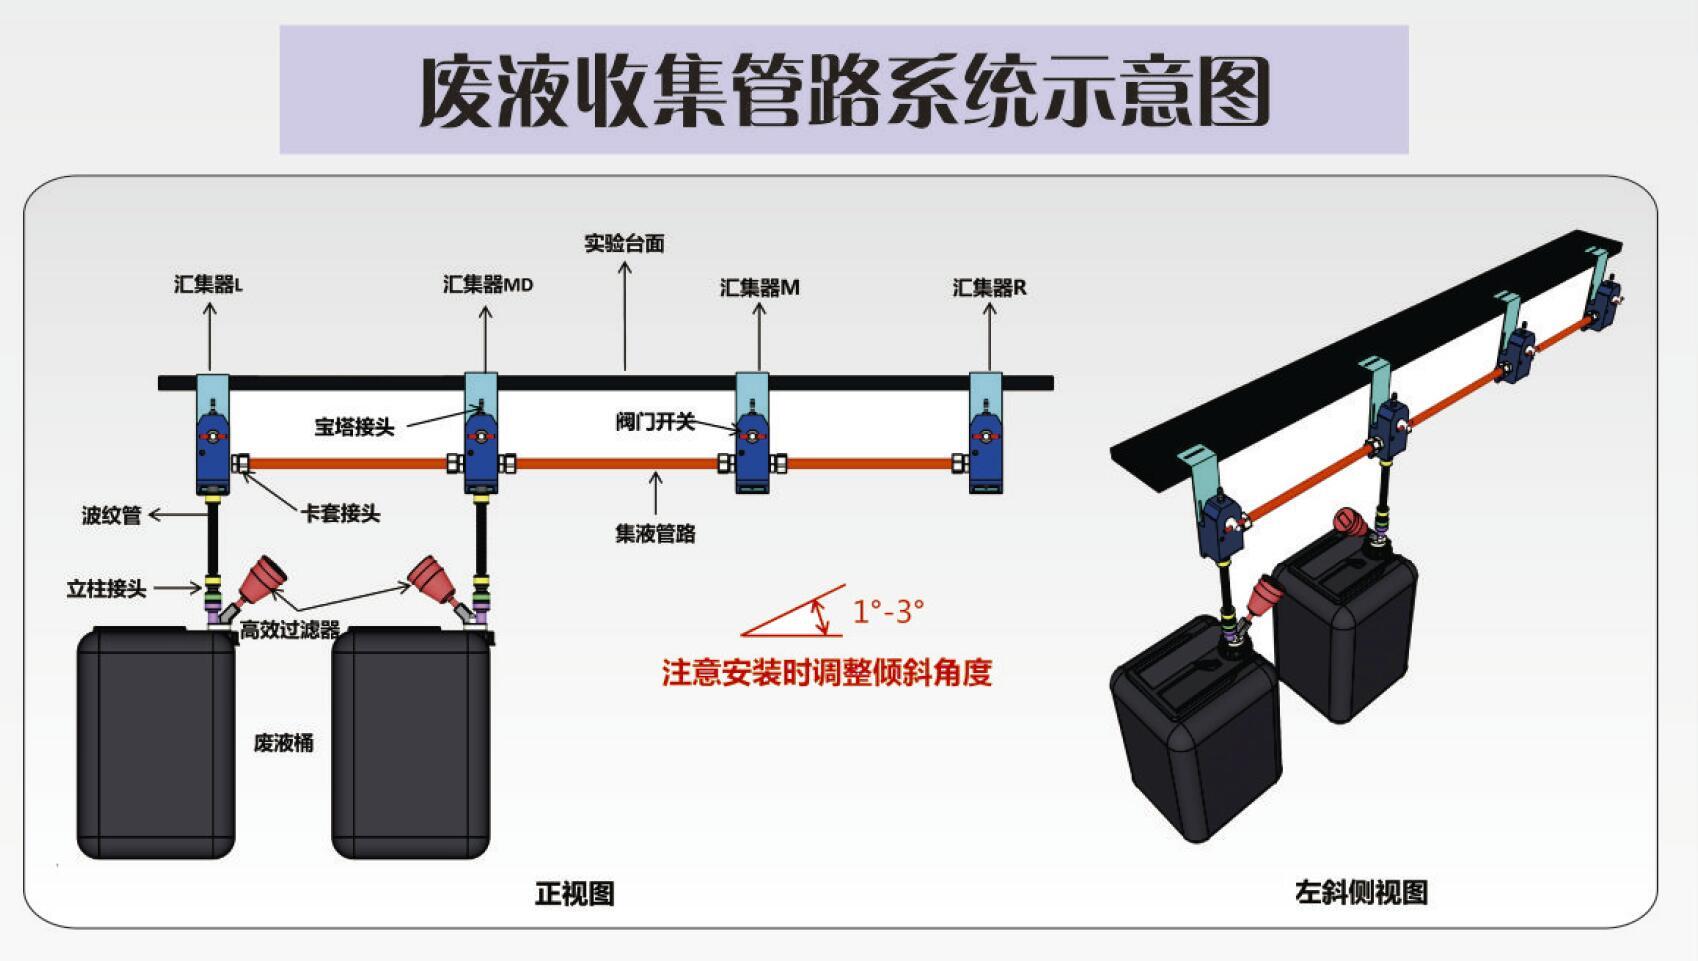 实验室废液集中收集系统